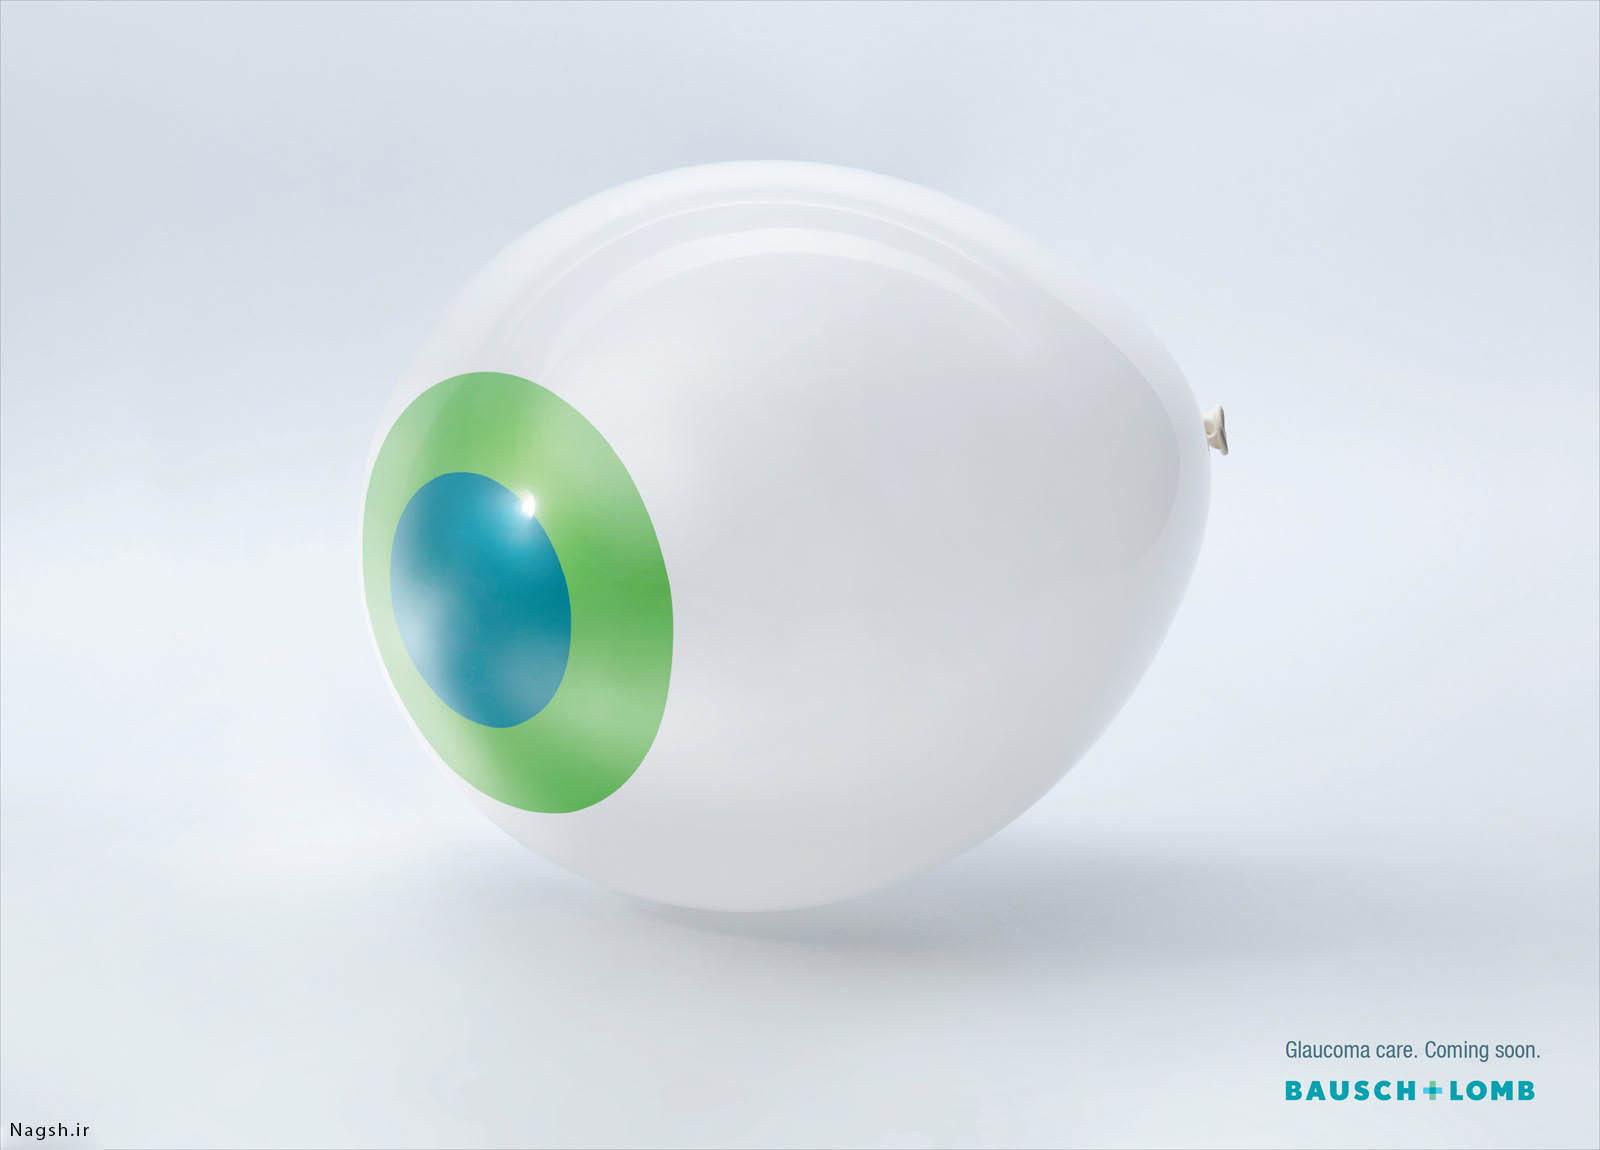 پوستر تبلیغاتی تجهیزات چشم پزشکی